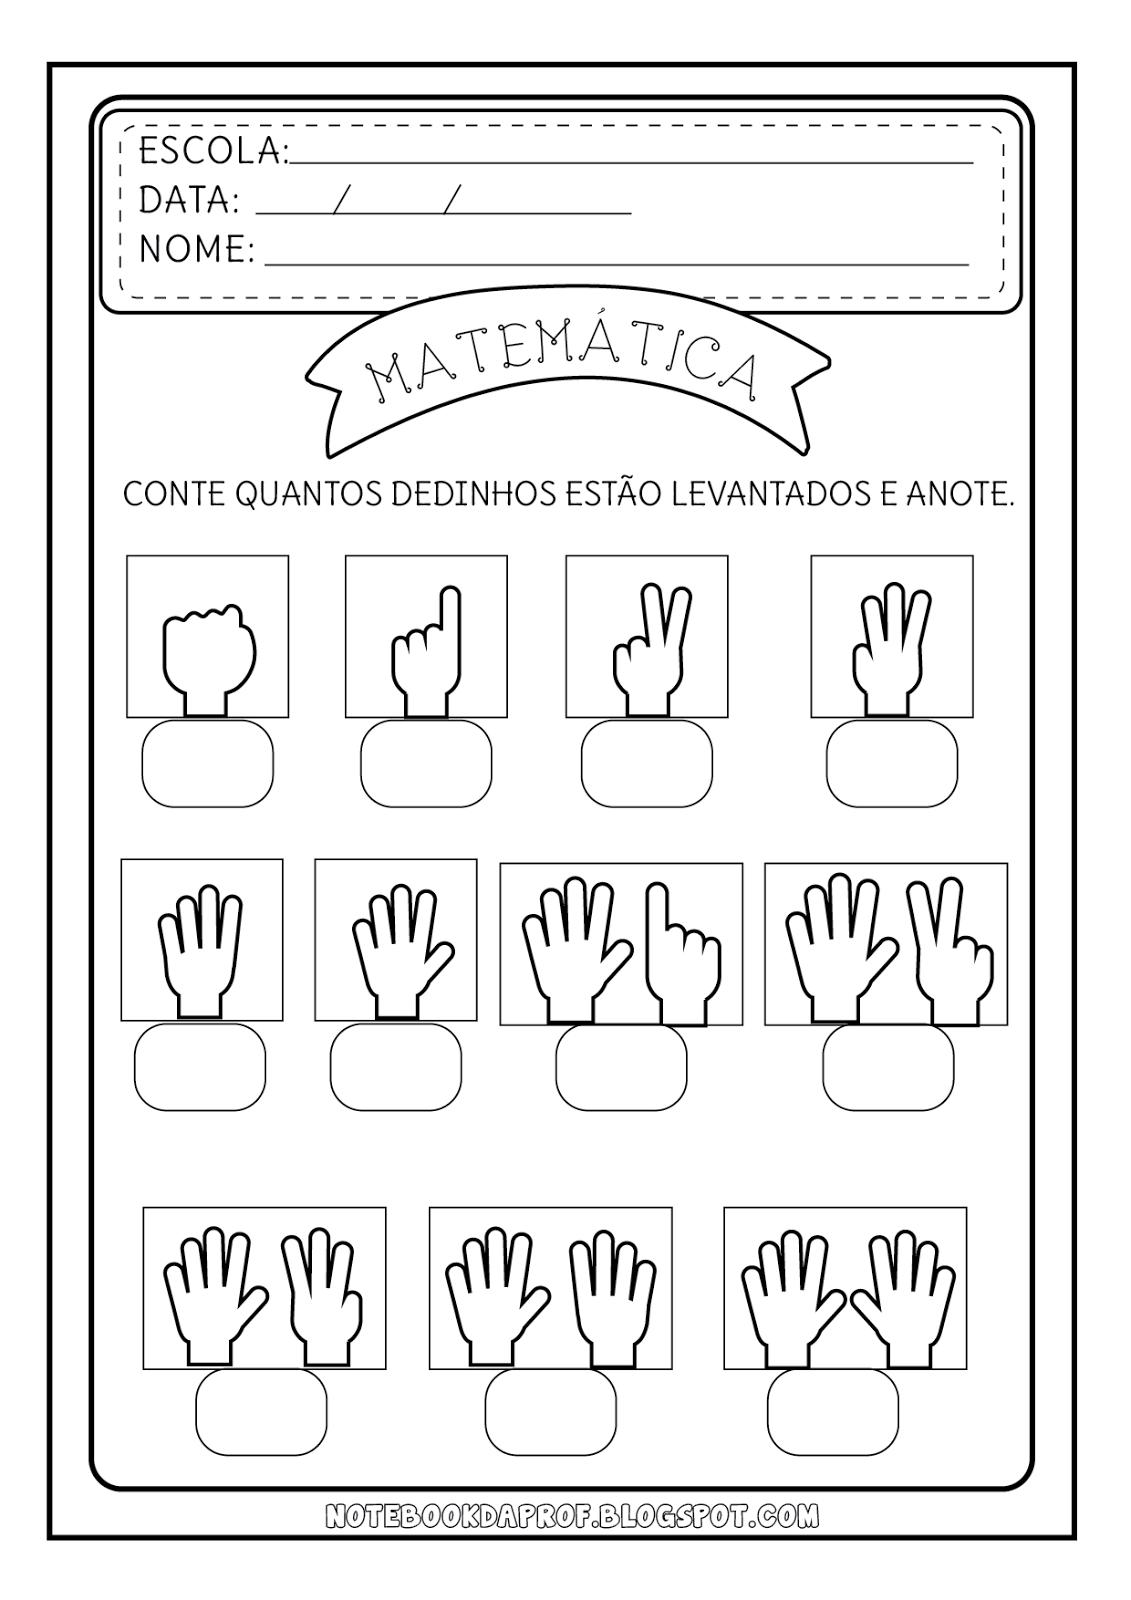 Notebook da Profª: Atividades Contando com as Mãos #646467 1131 1600